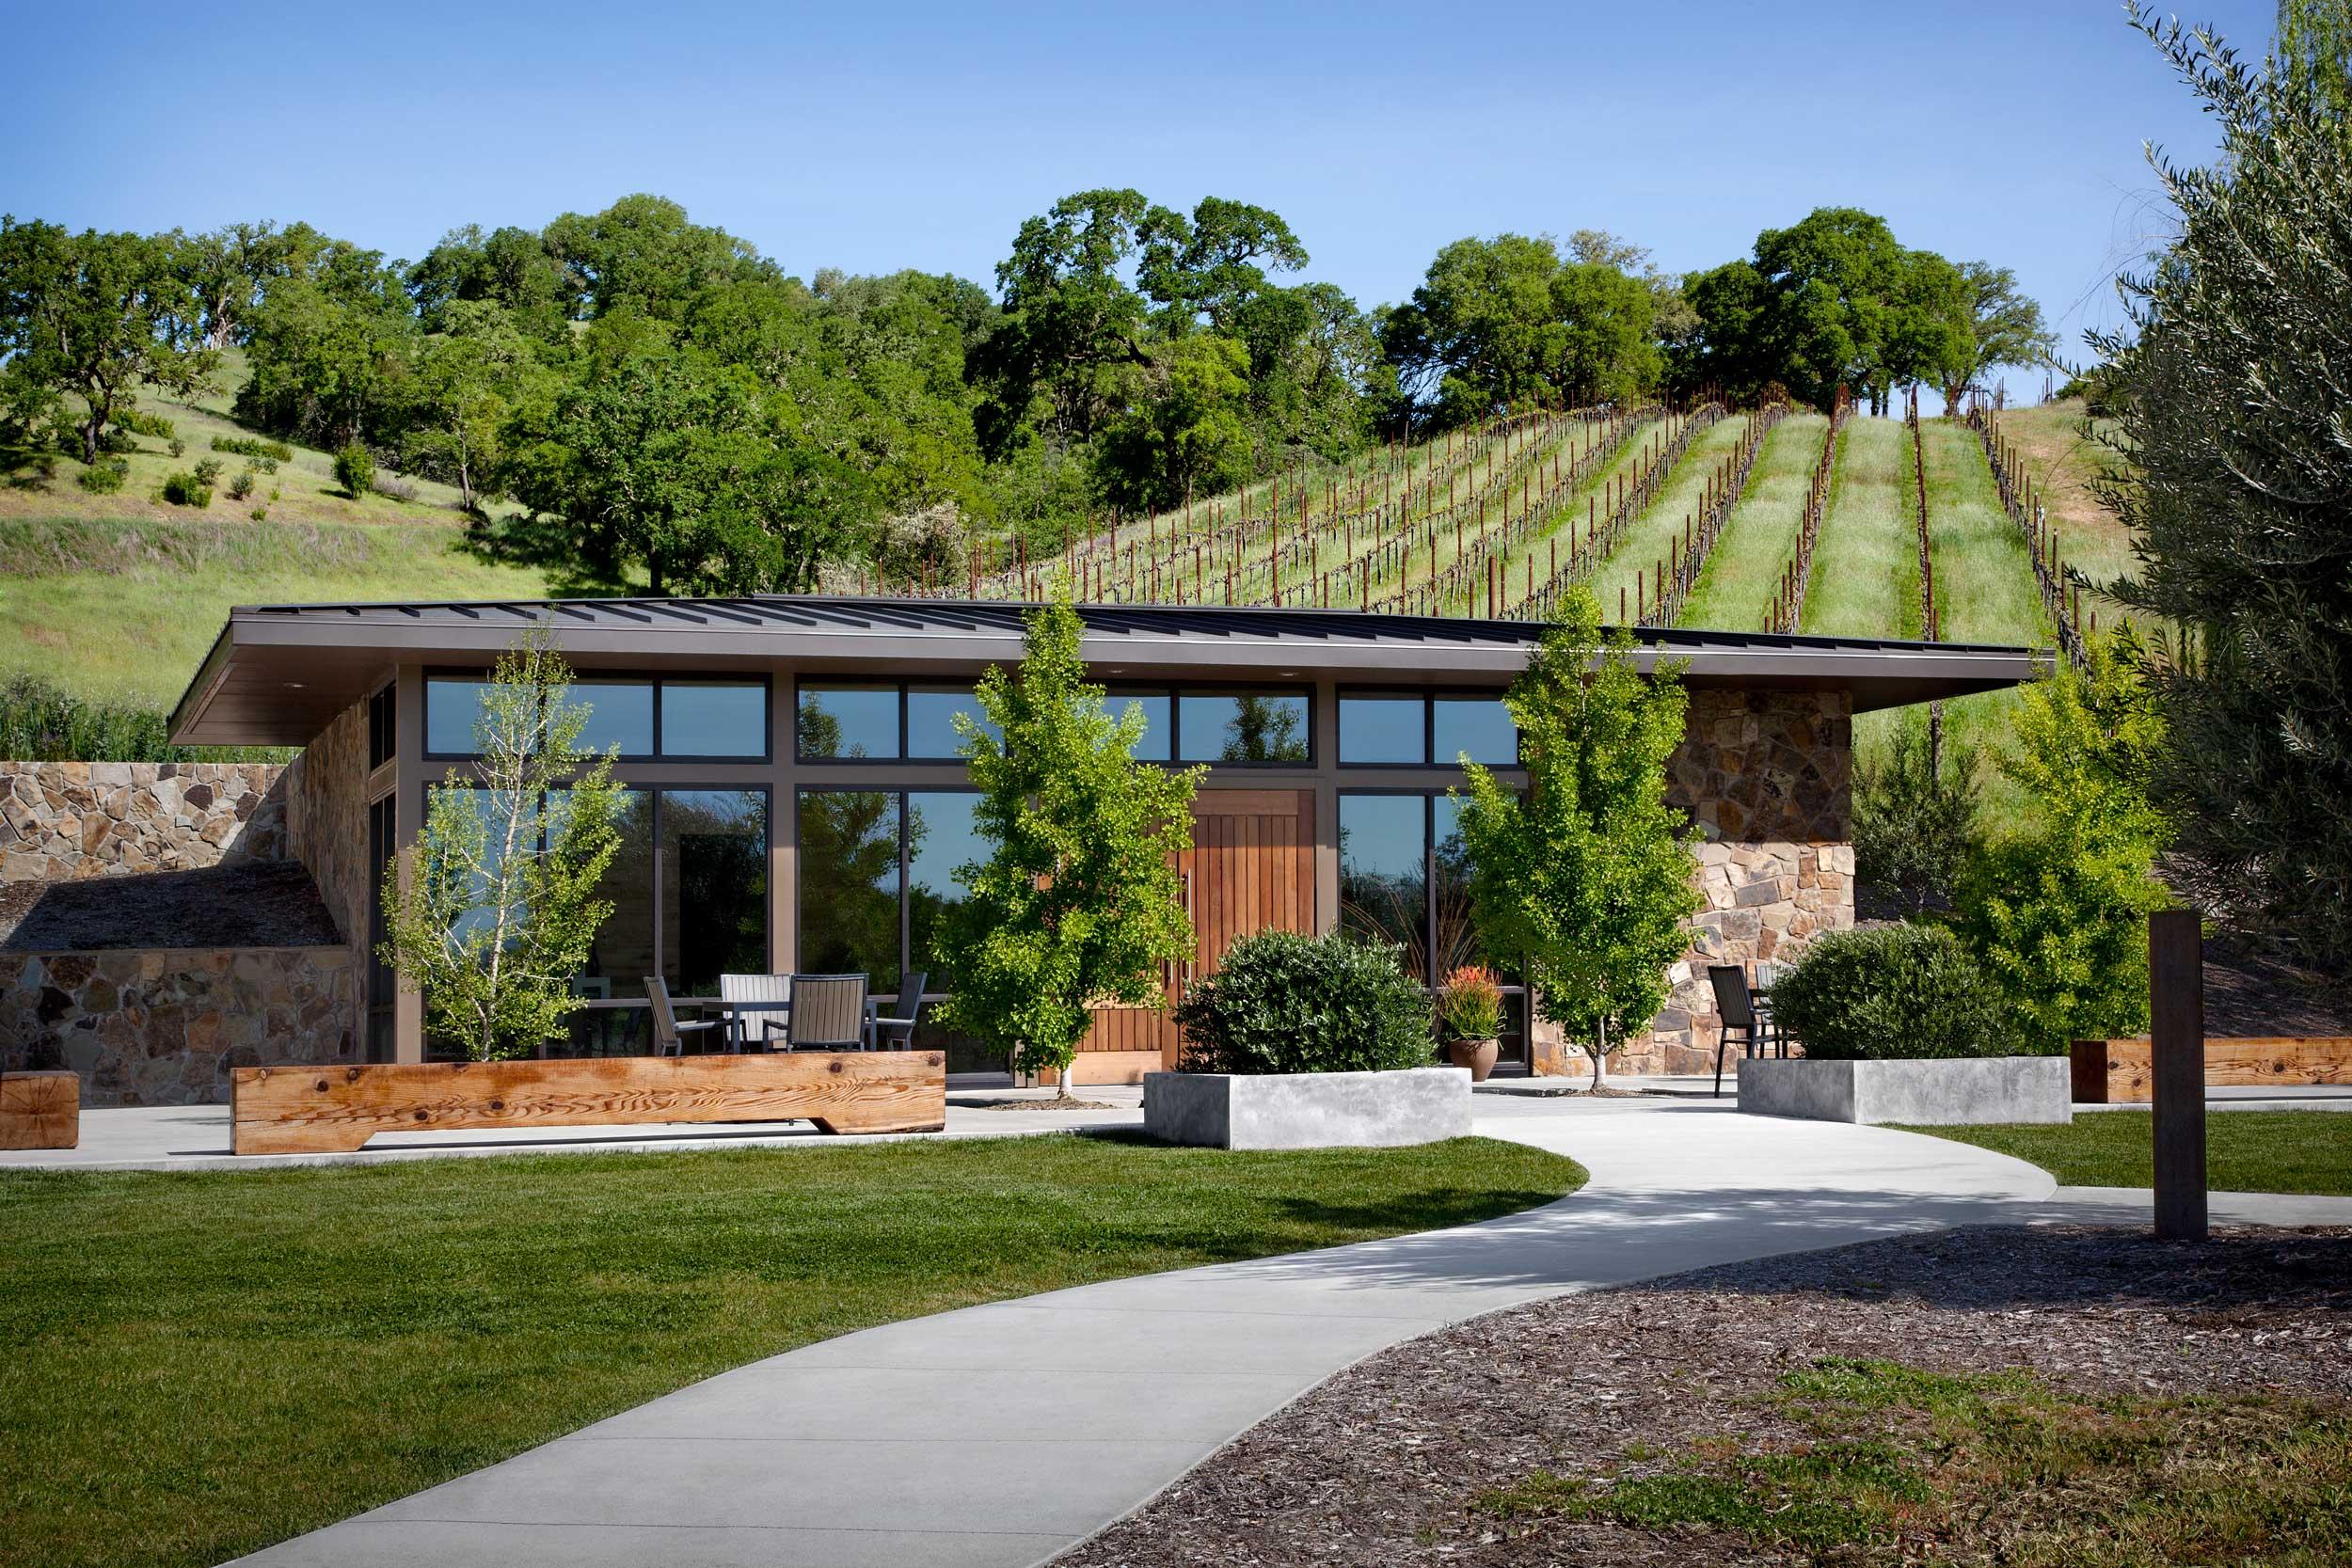 Tasting Room and vineyards beyond